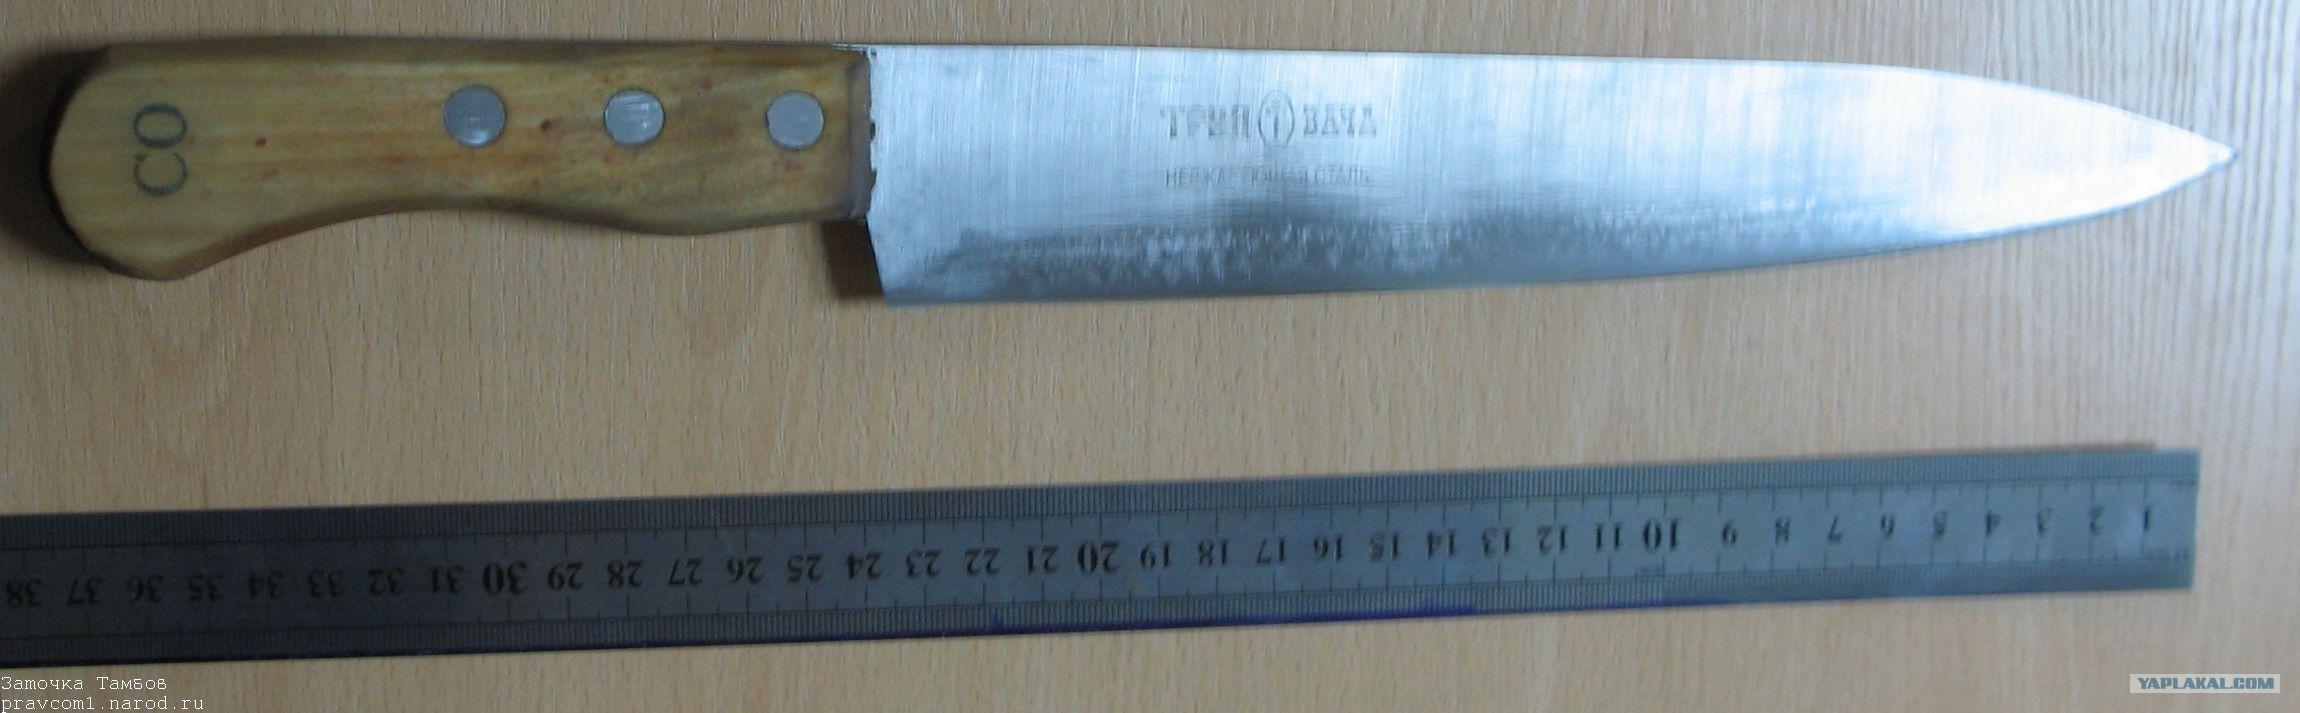 Кухонные ножи как сделать